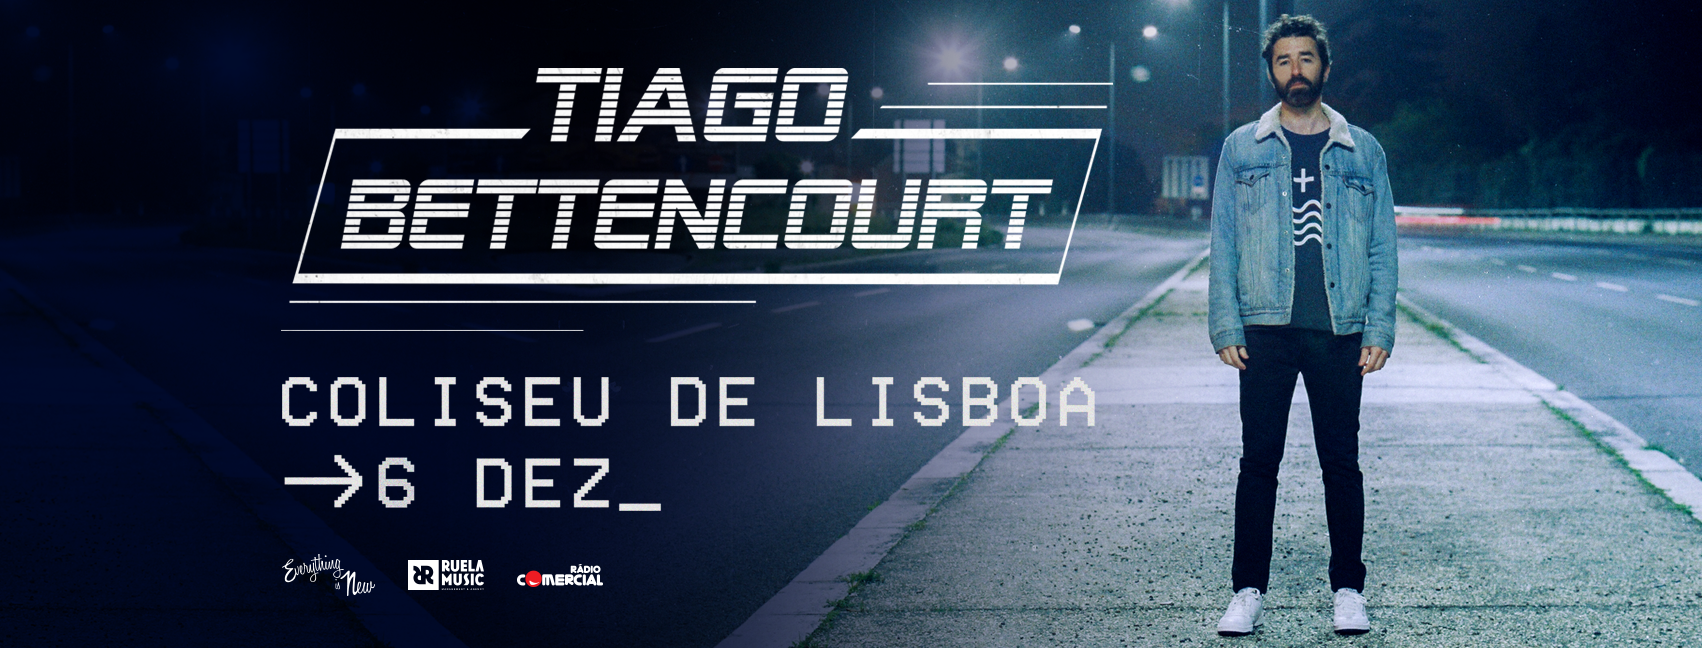 Tiago Bettencourt - concerto 360º - Coliseu de Lisboa